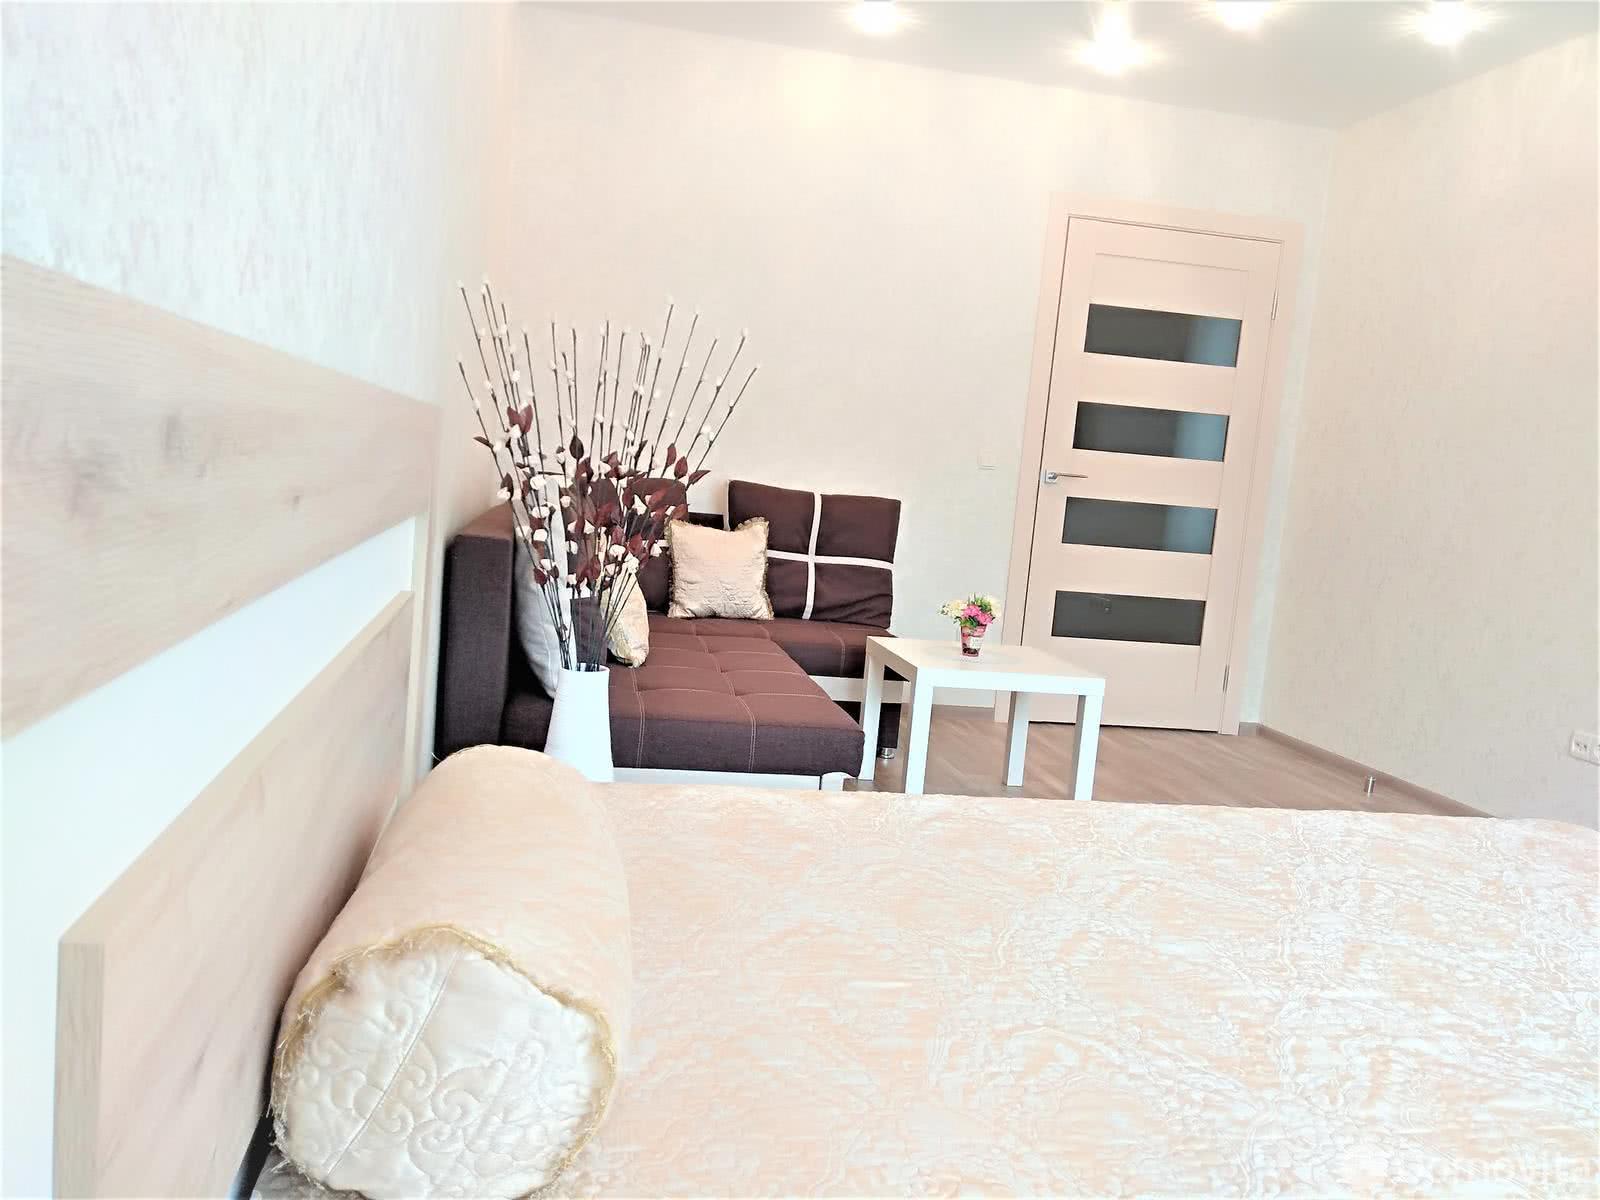 Аренда 1-комнатной квартиры на сутки в Минске ул. Притыцкого, д. 77 - фото 3